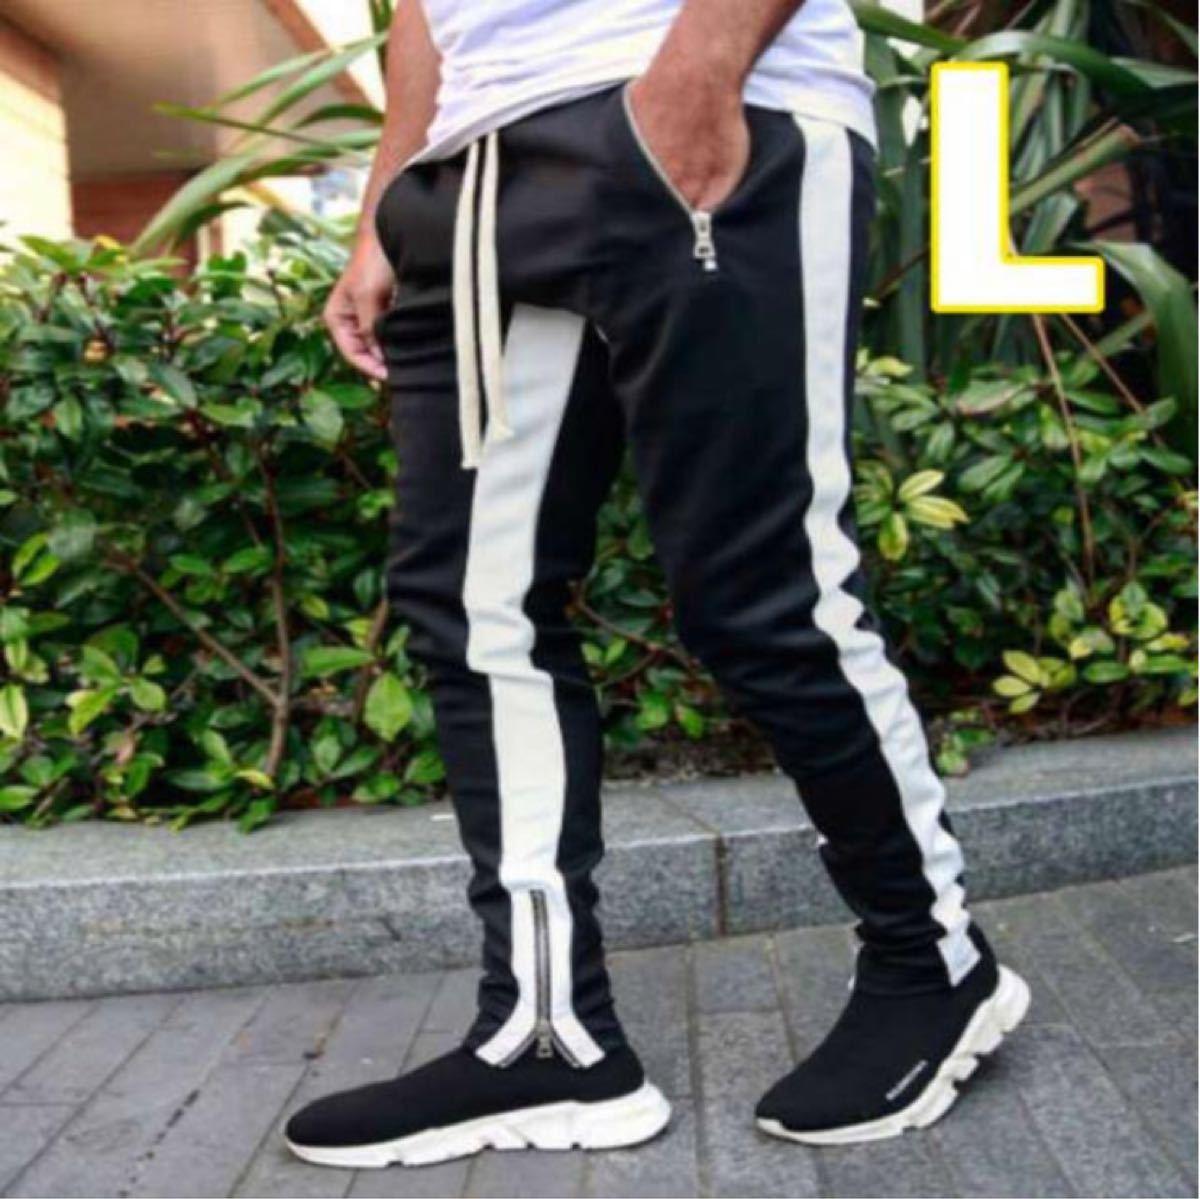 ラインパンツ ジョガーパンツ メンズ スウェット 黒 ブラック L スウェット ジャージ adidas NIKE スキニーパンツ